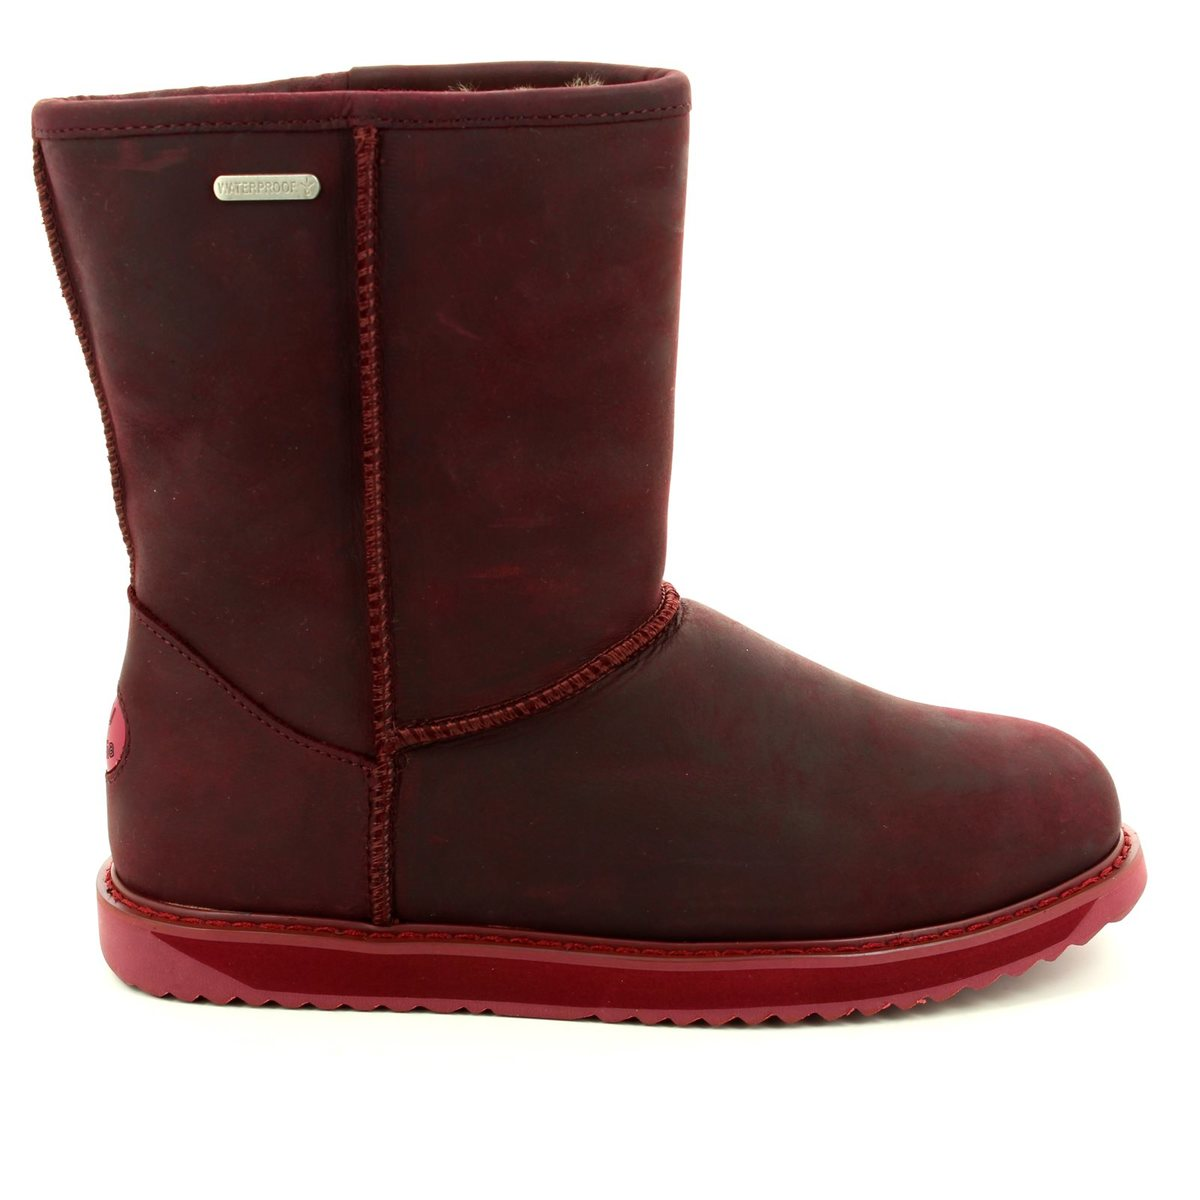 2fac68c390 EMU Australia Ankle Boots - Purple - W11349/80 PATERSON LO